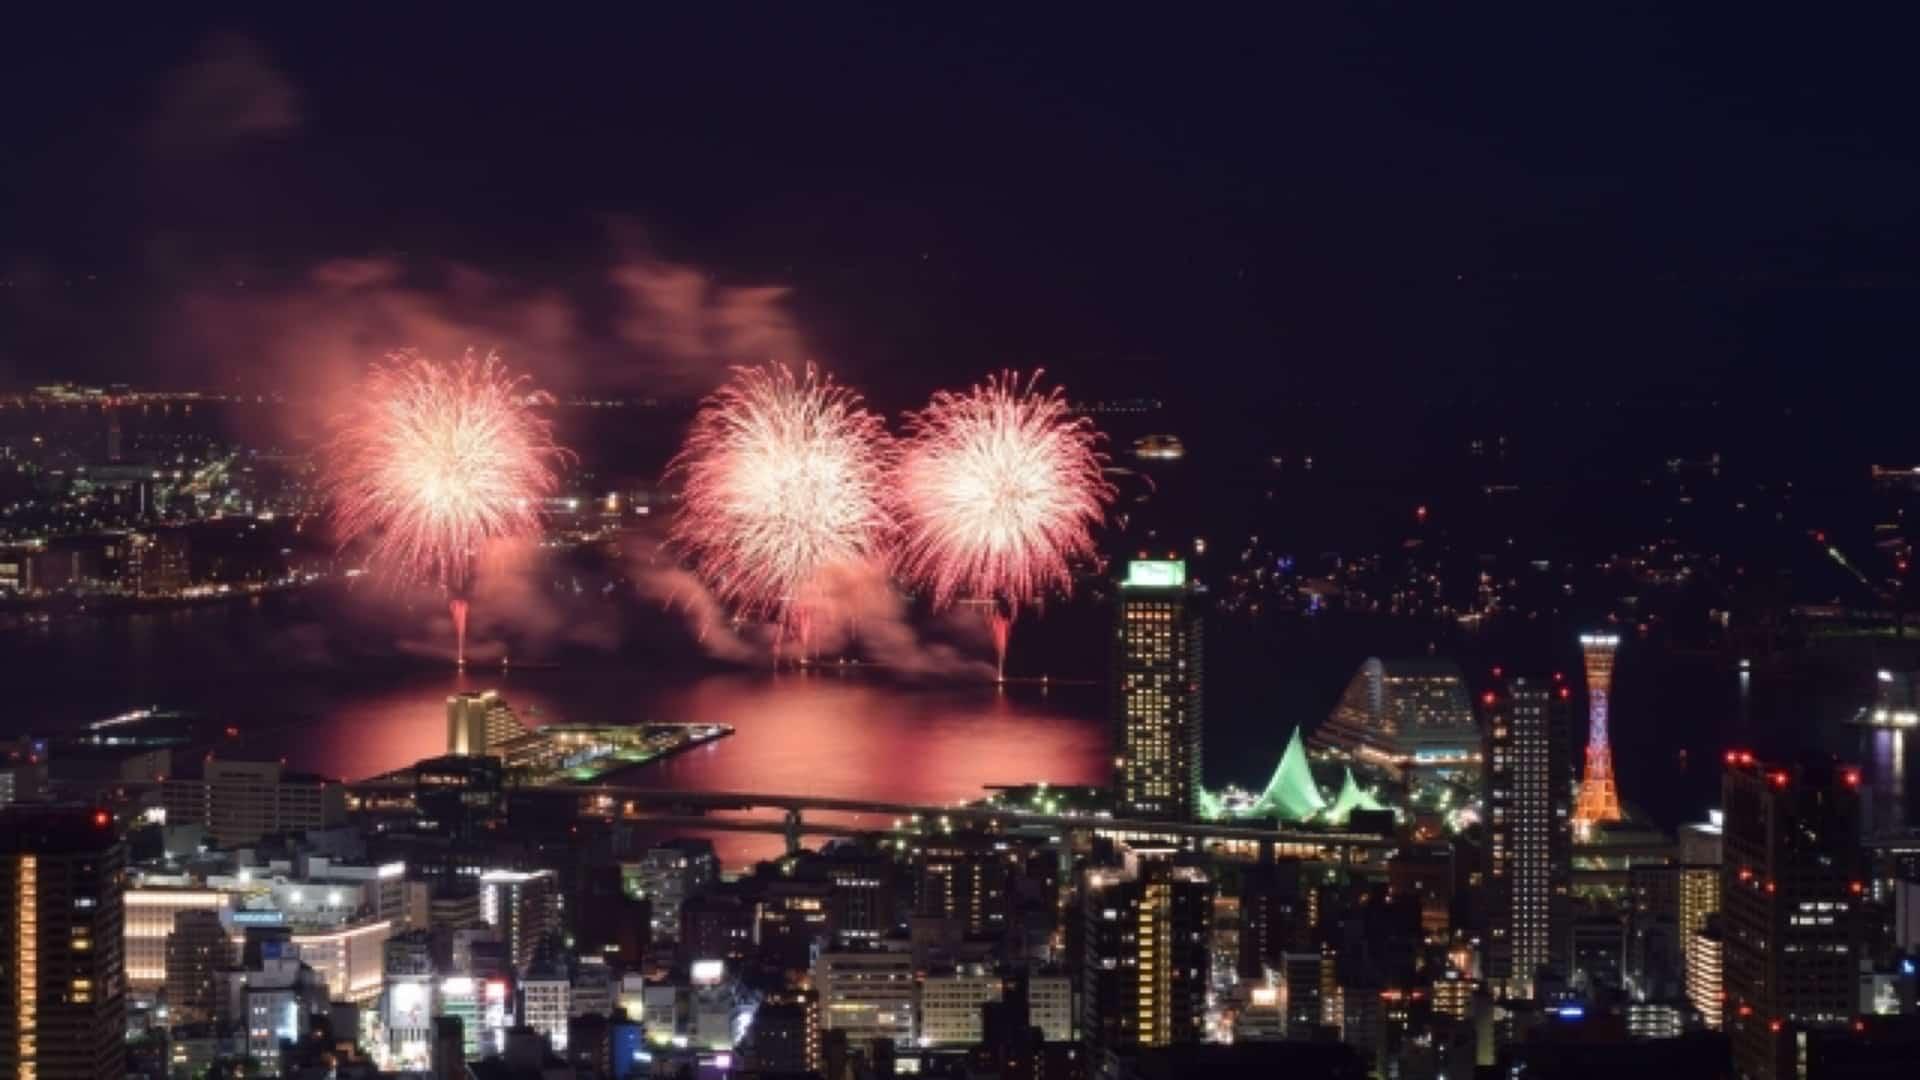 【2019年】みなとこうべ海上花火大会が見えるホテルはココ!宿泊・レストラン・イベントの予約方法&受付期間まとめ